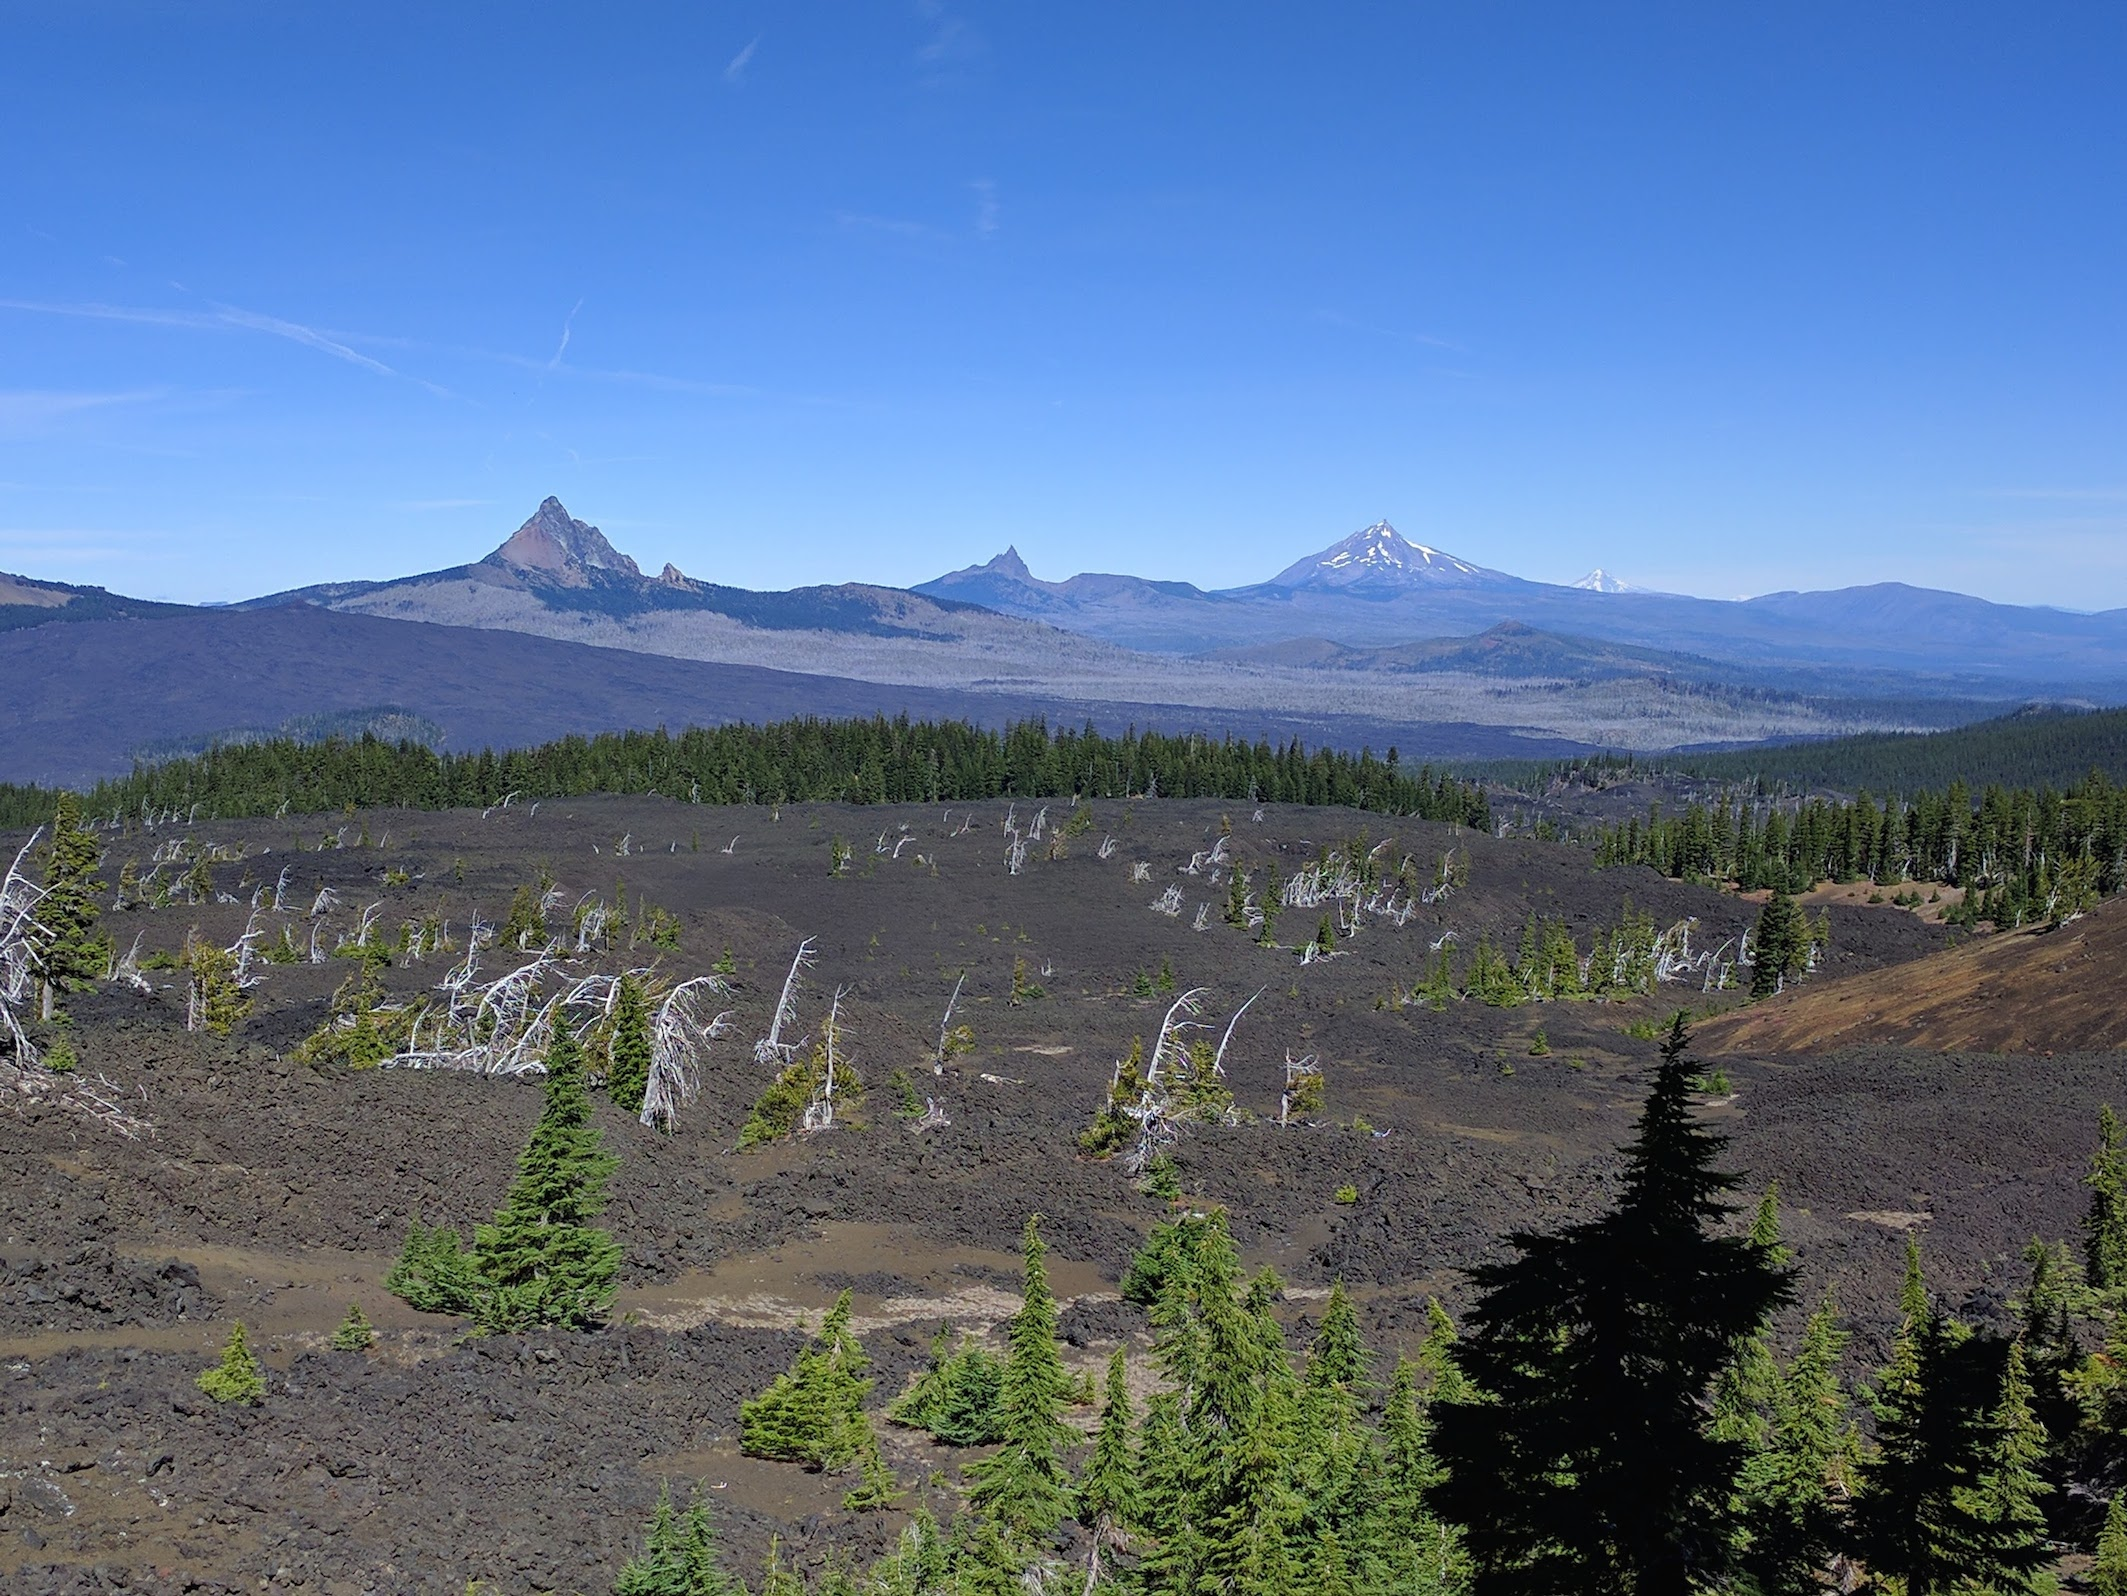 volcanochain